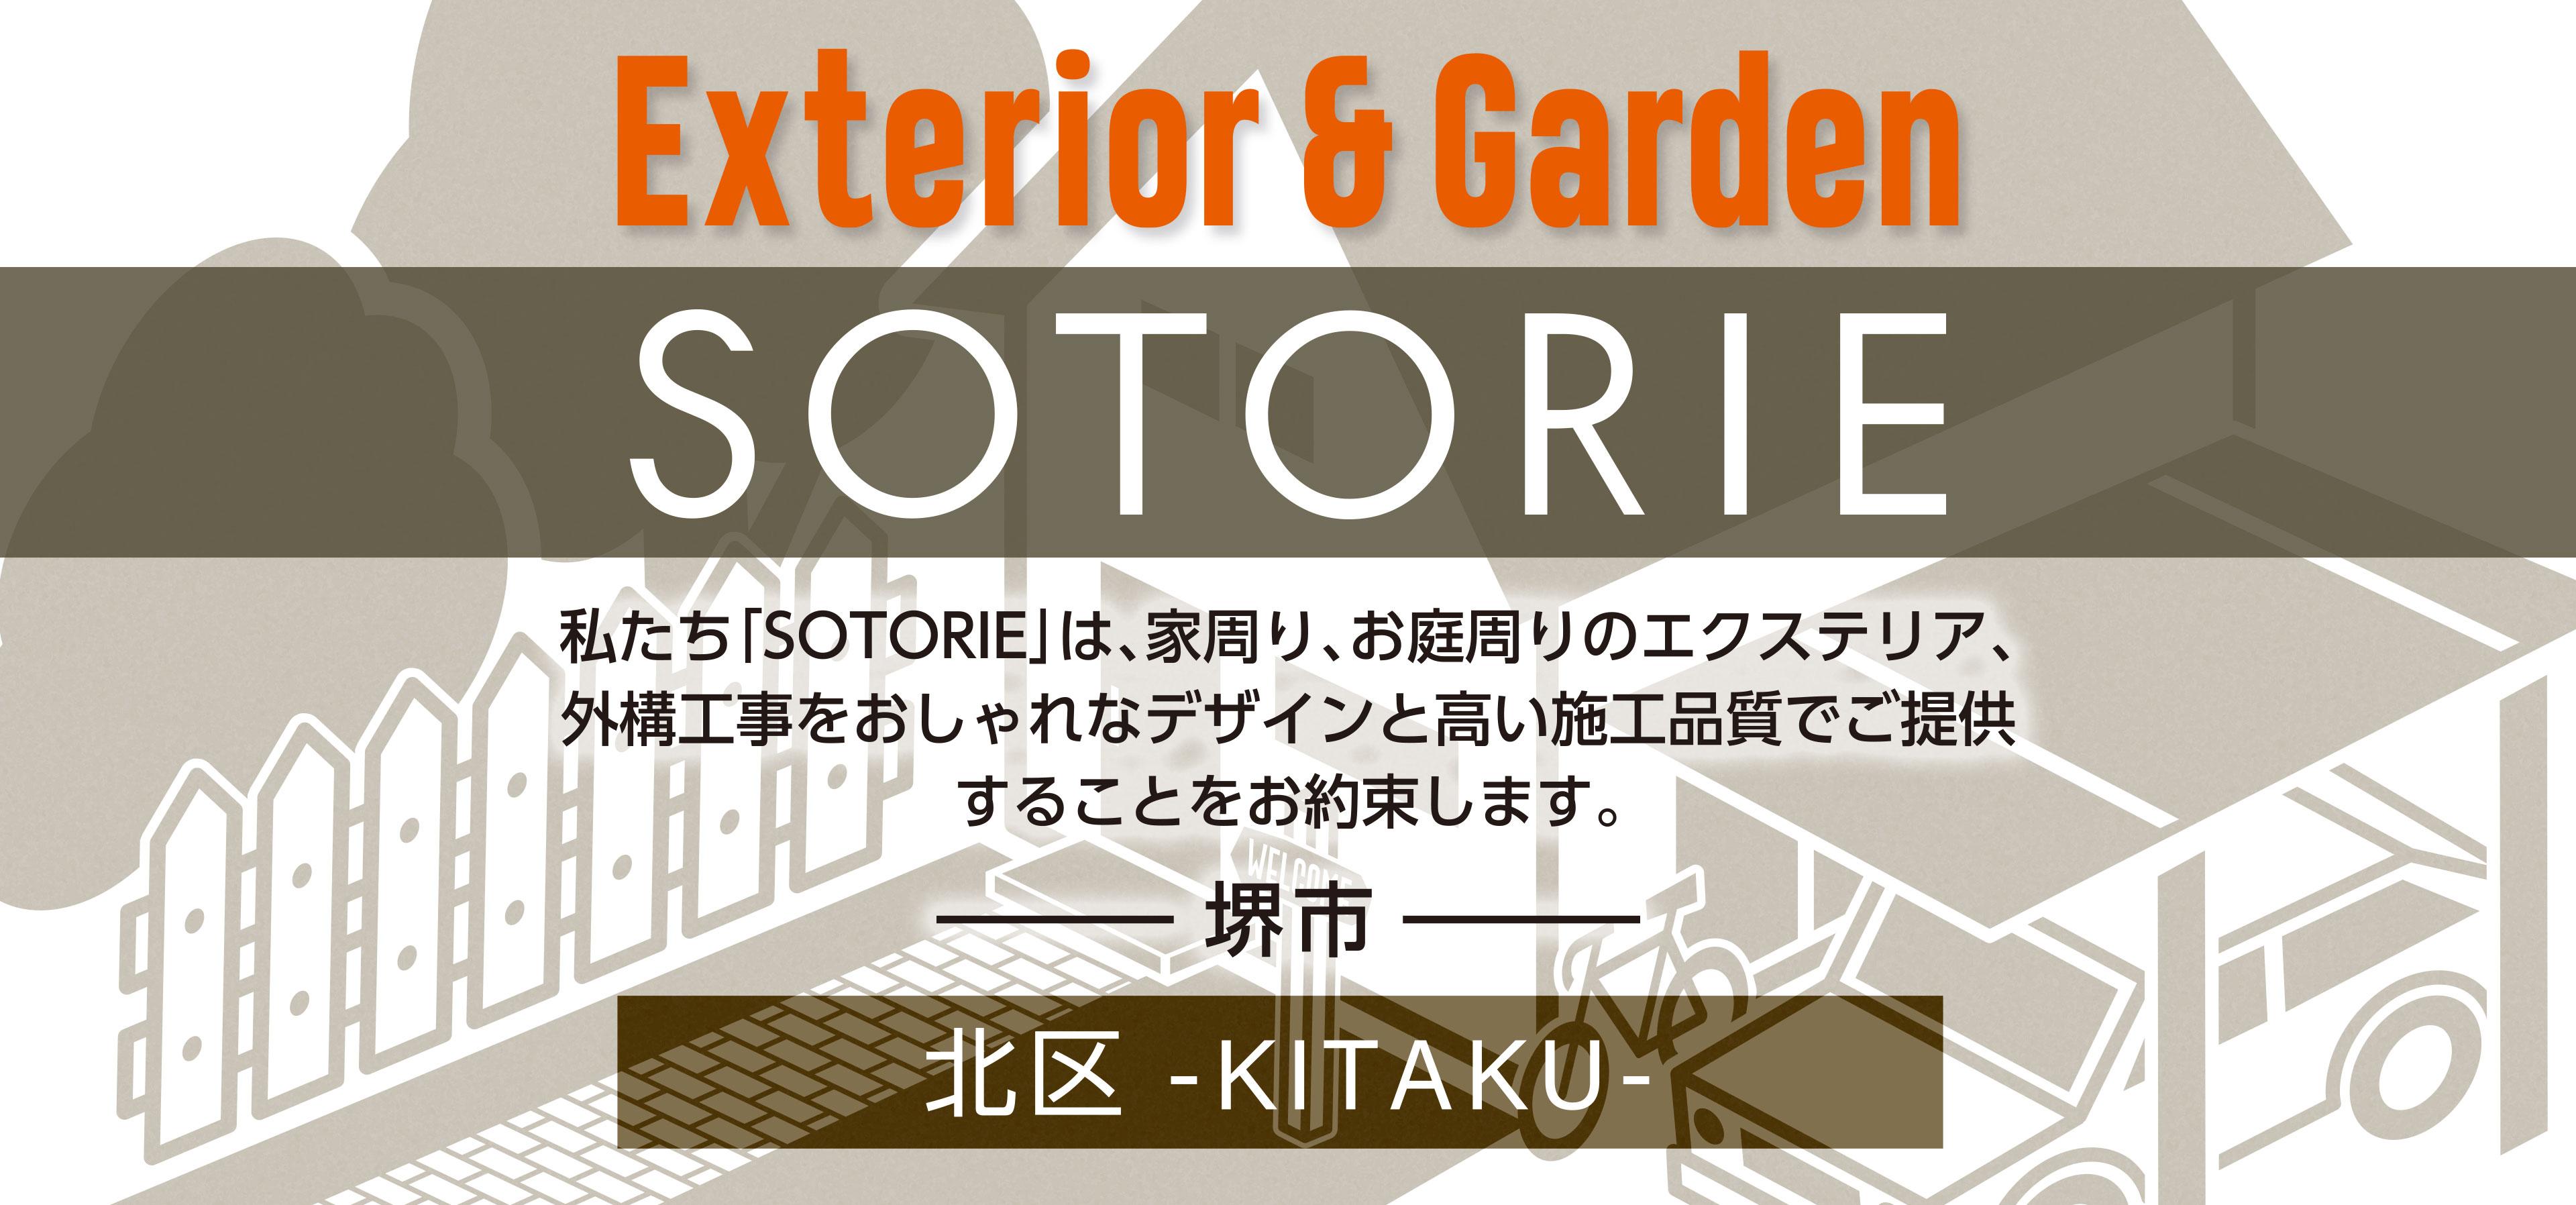 ソトリエ堺市北区では、家周りと庭周りの外構、エクステリア工事をおしゃれなデザインと高い施工品質でご提供することをお約束します。